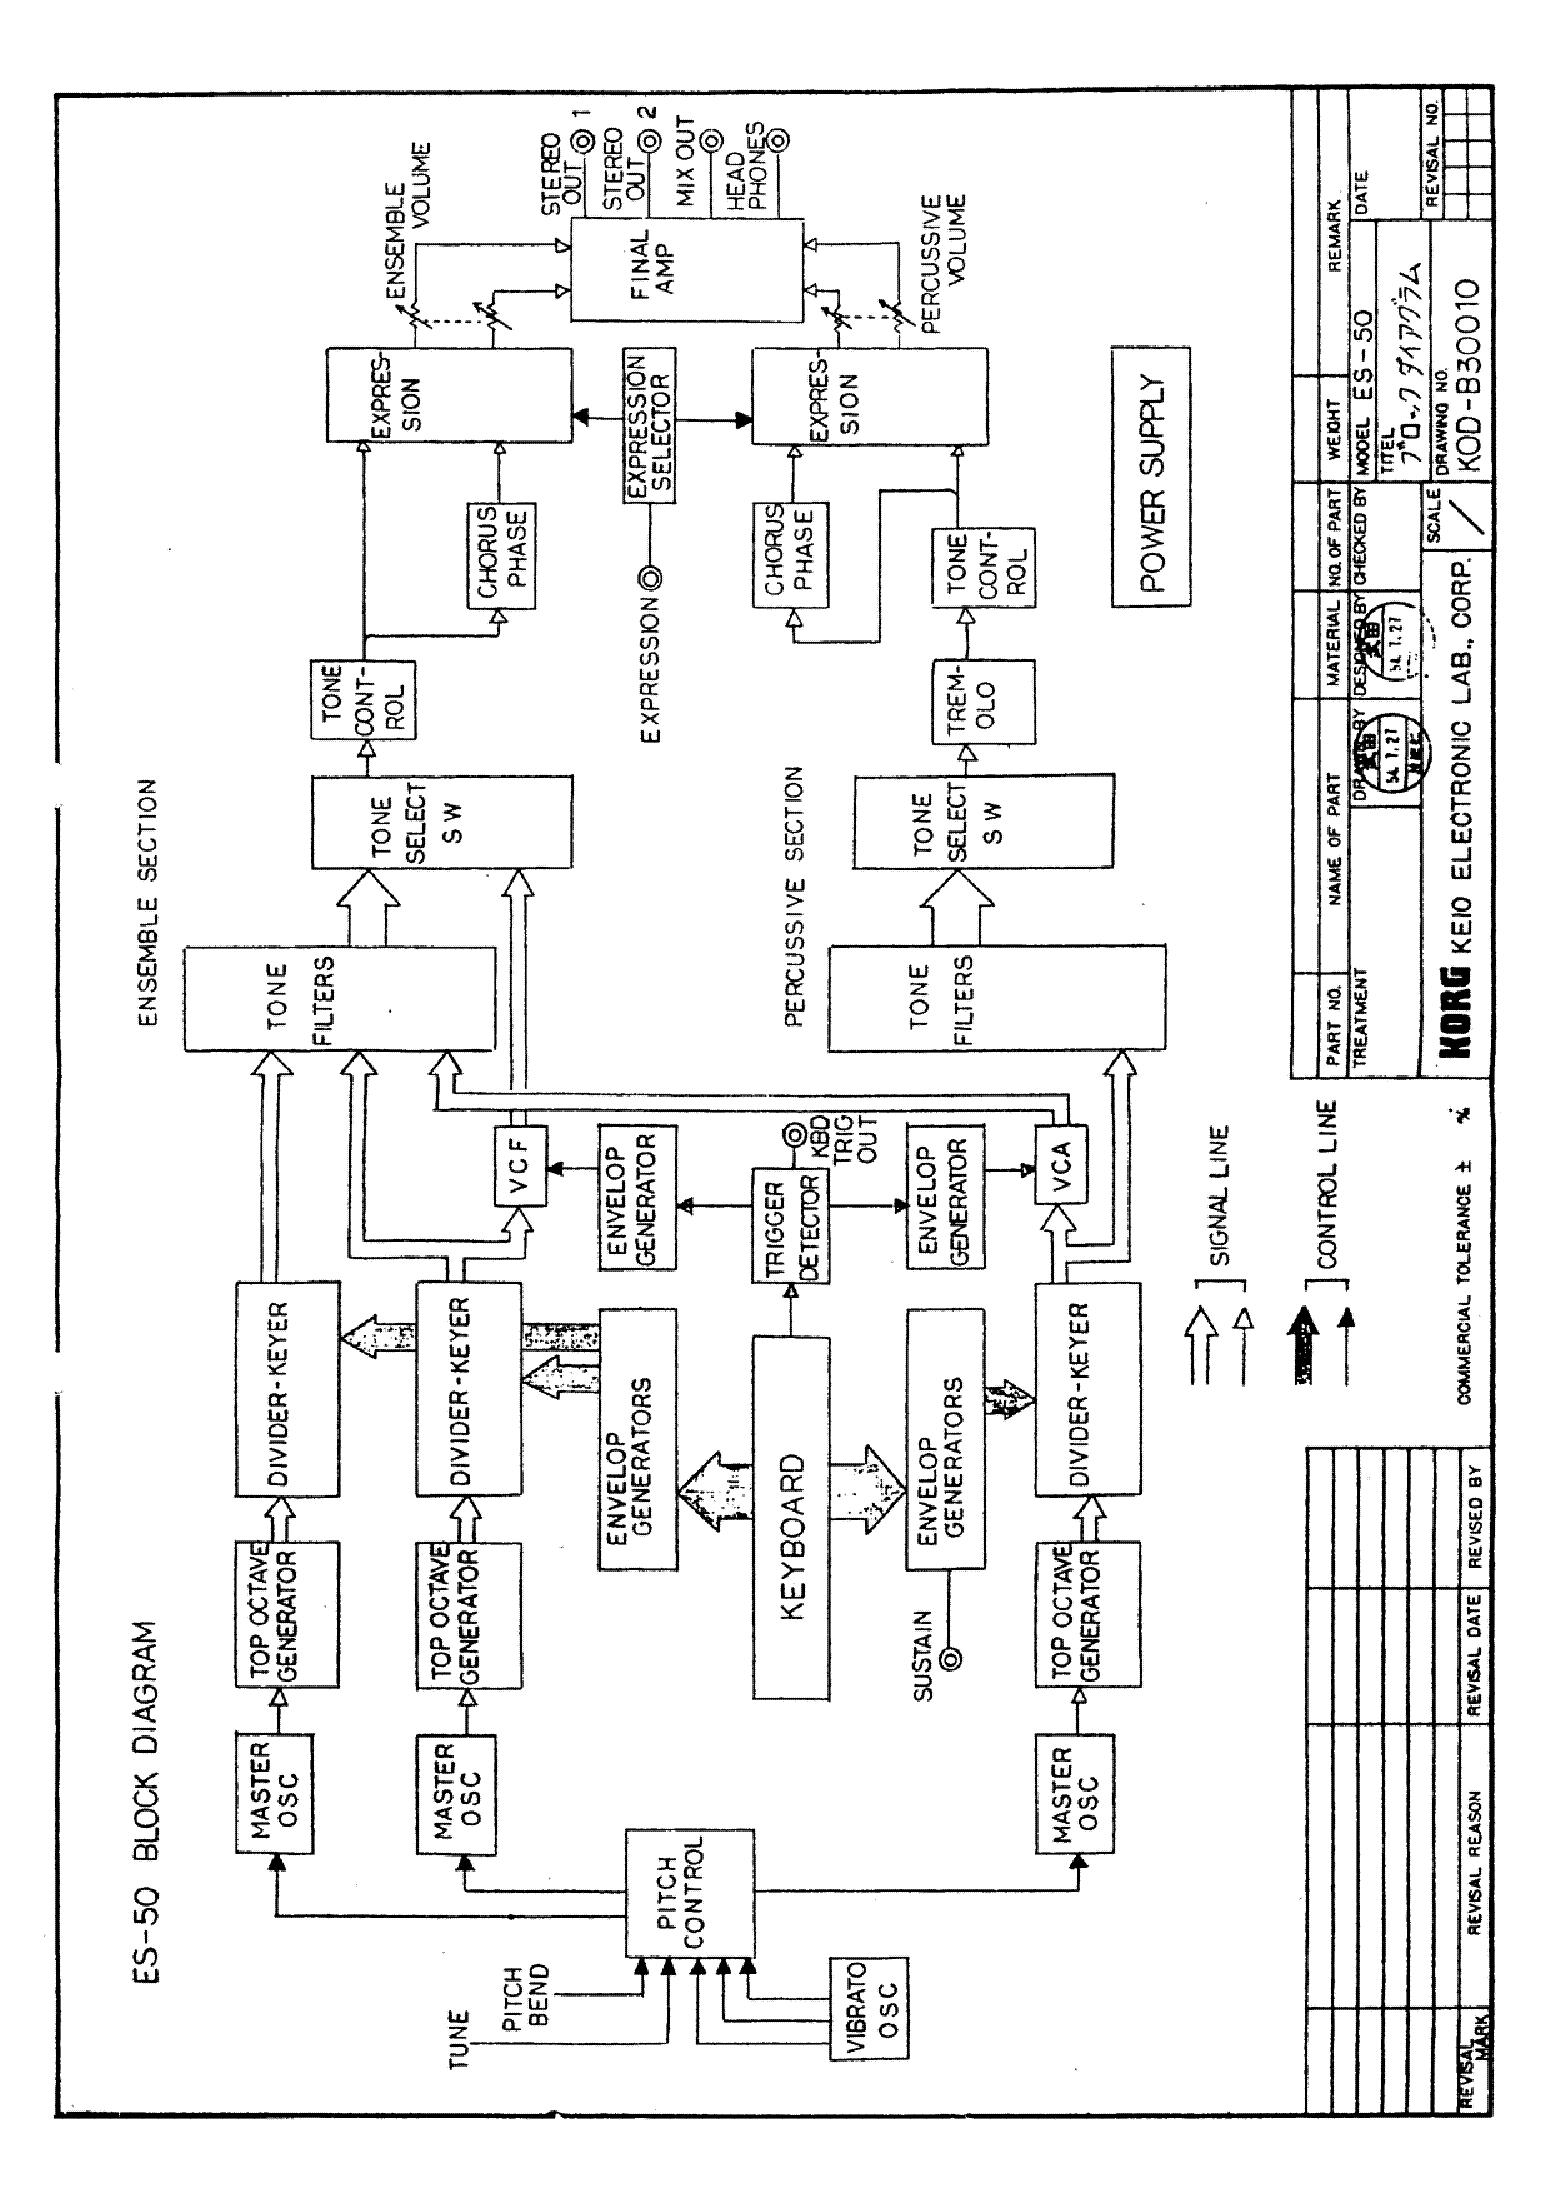 175 hp omc engine diagram manuals